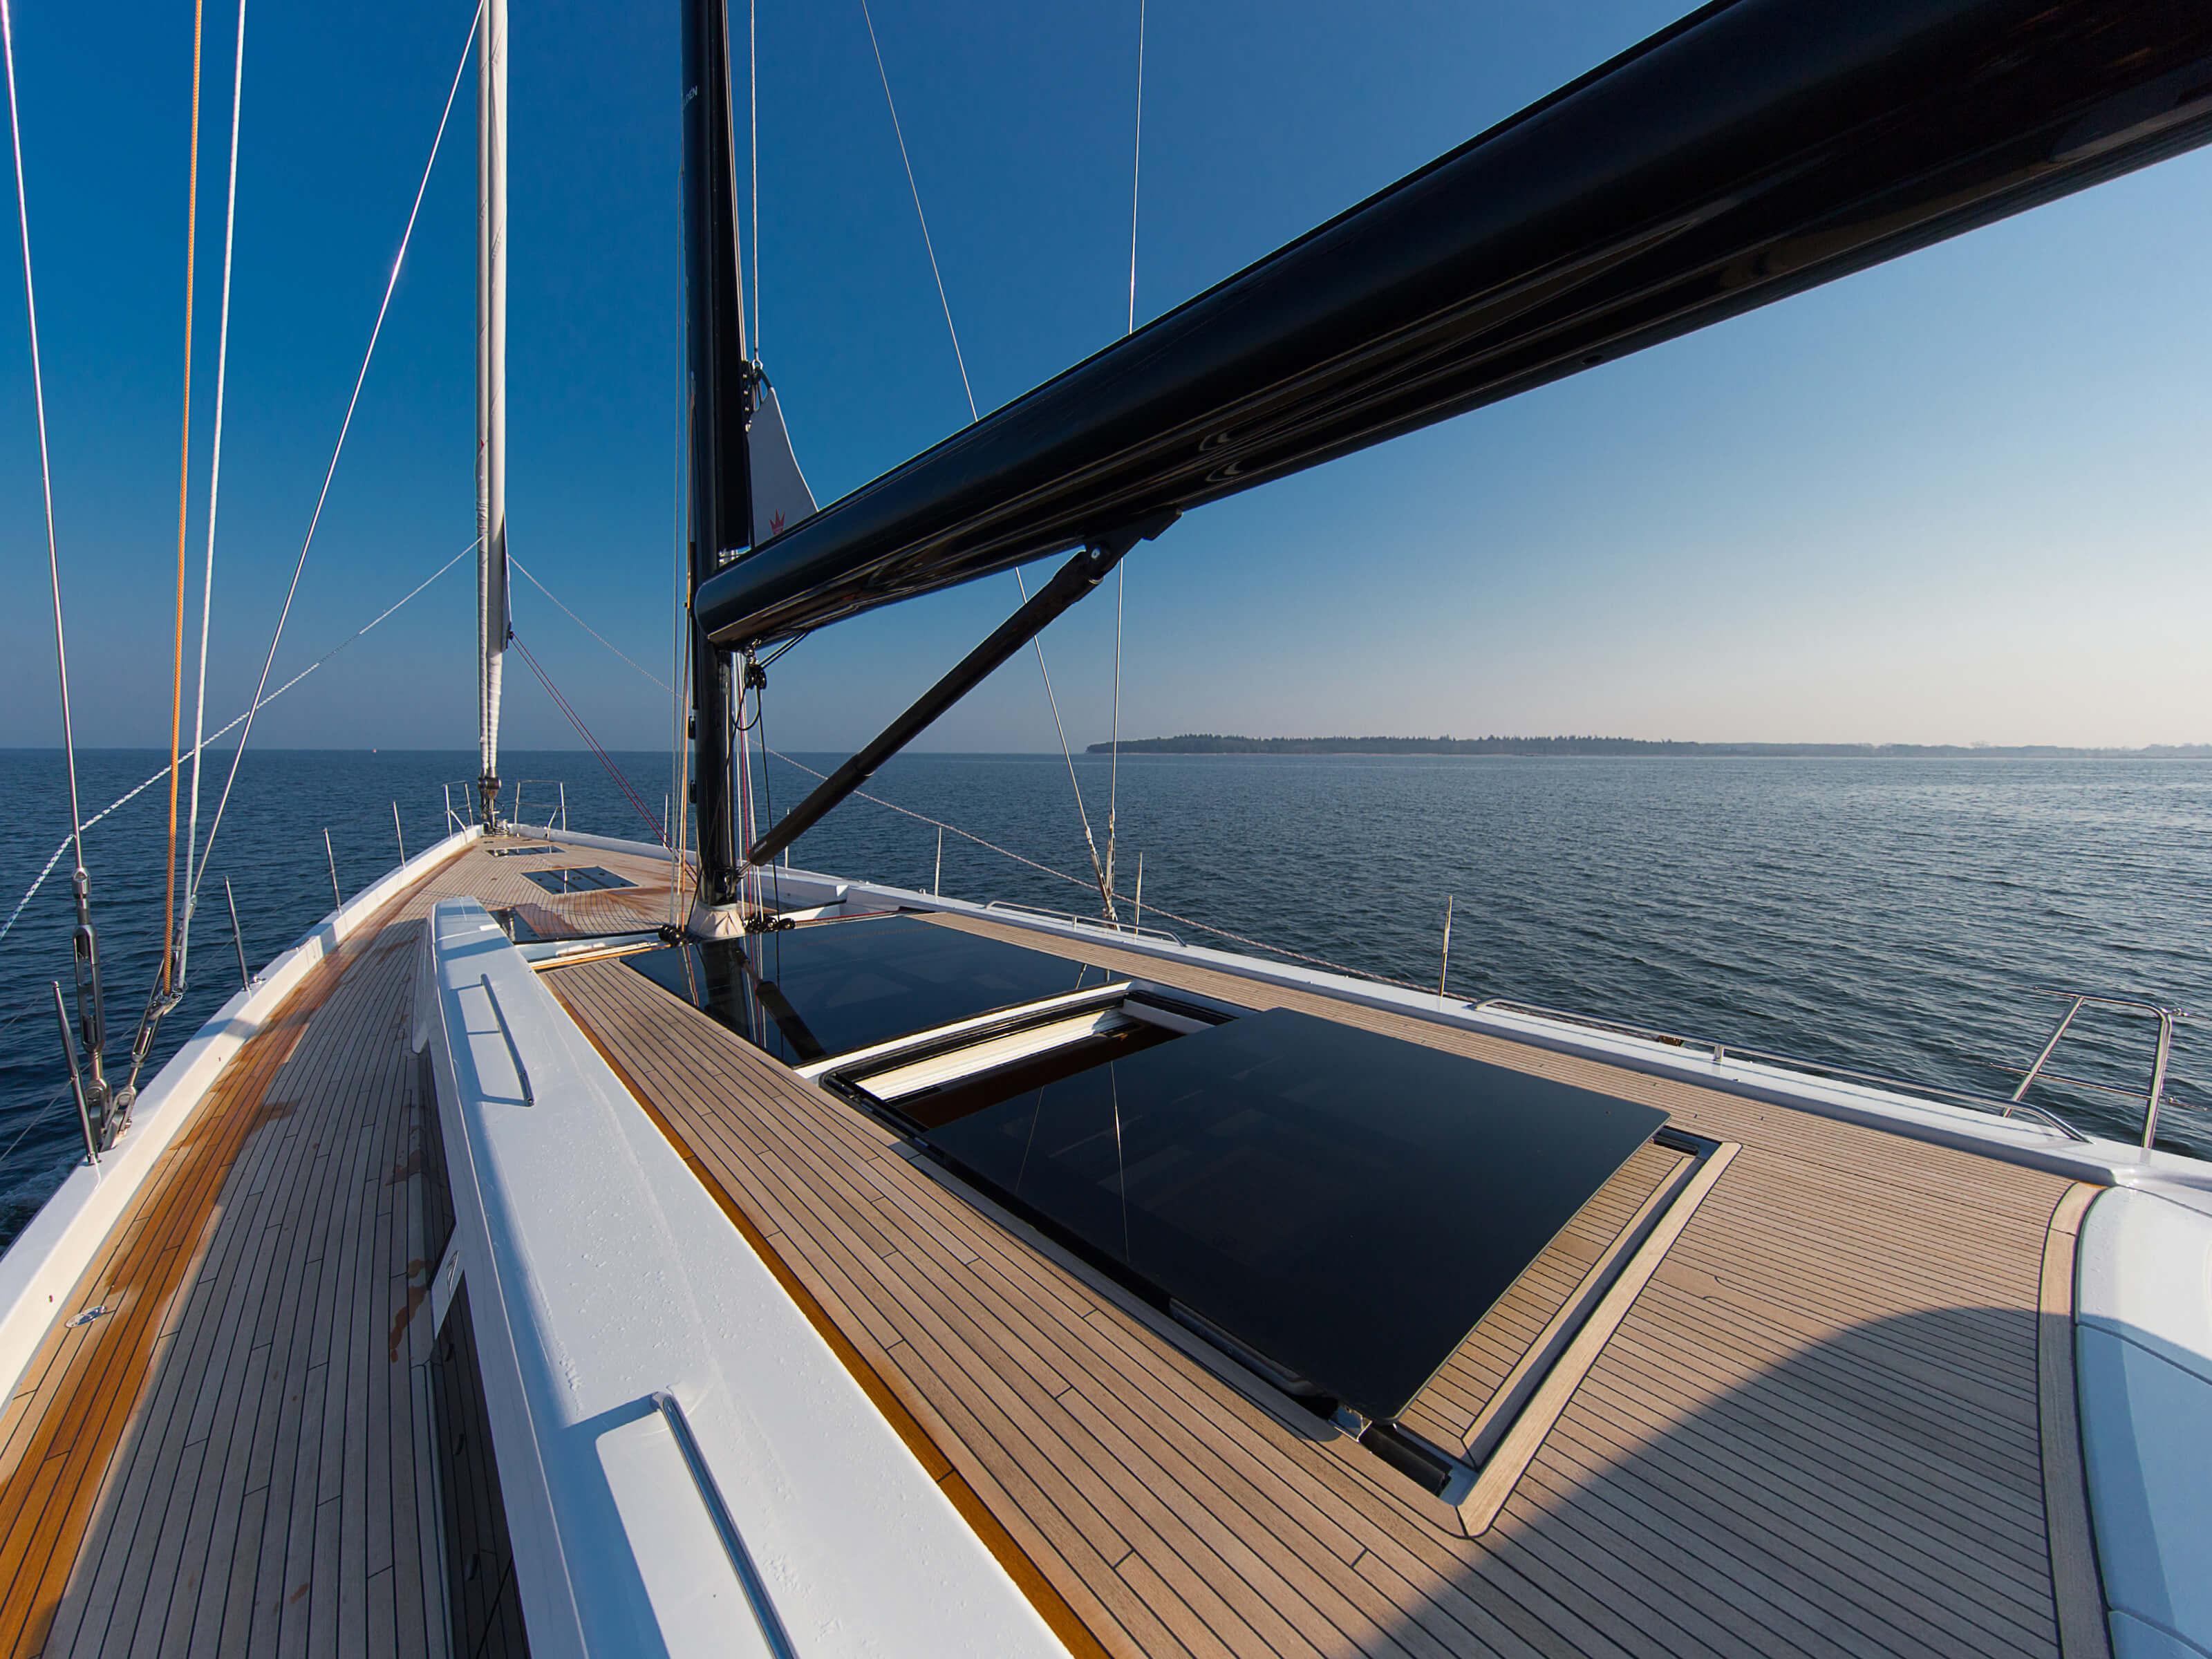 Hanse 675 | teak deck, boom, deck hatches | Hanse